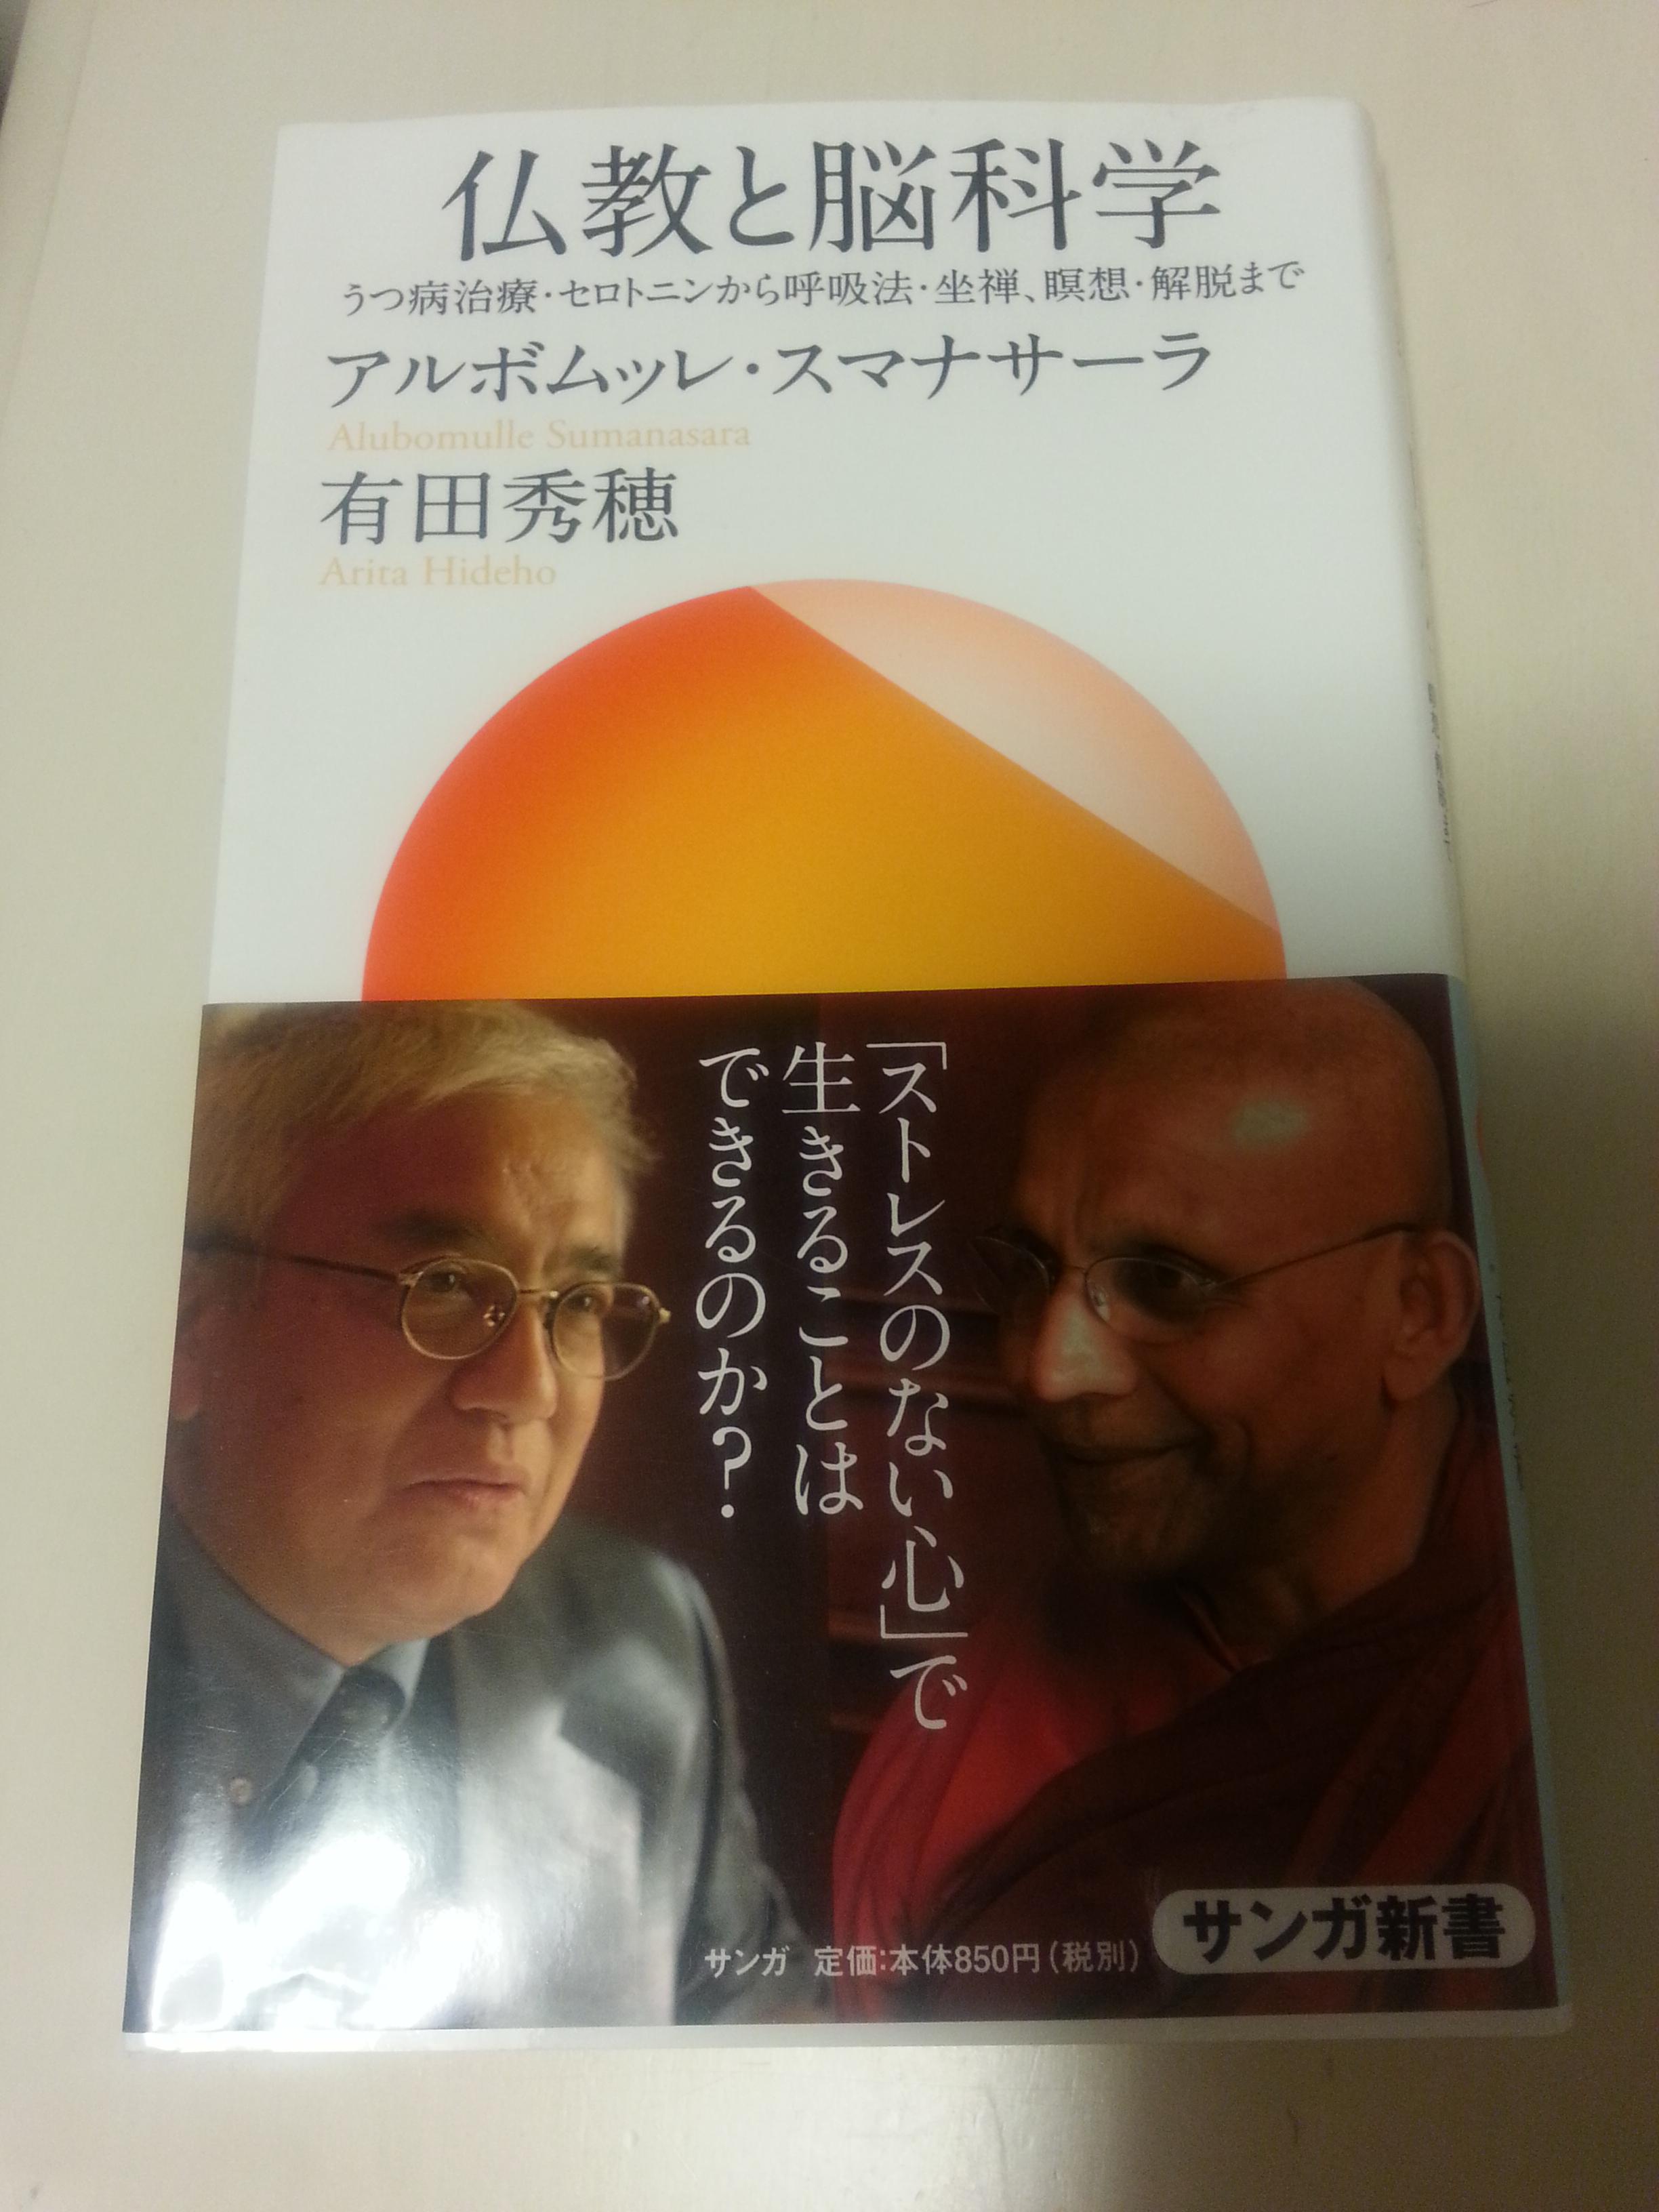 「仏教と脳科学」を読んで(星5つ★★★★★)